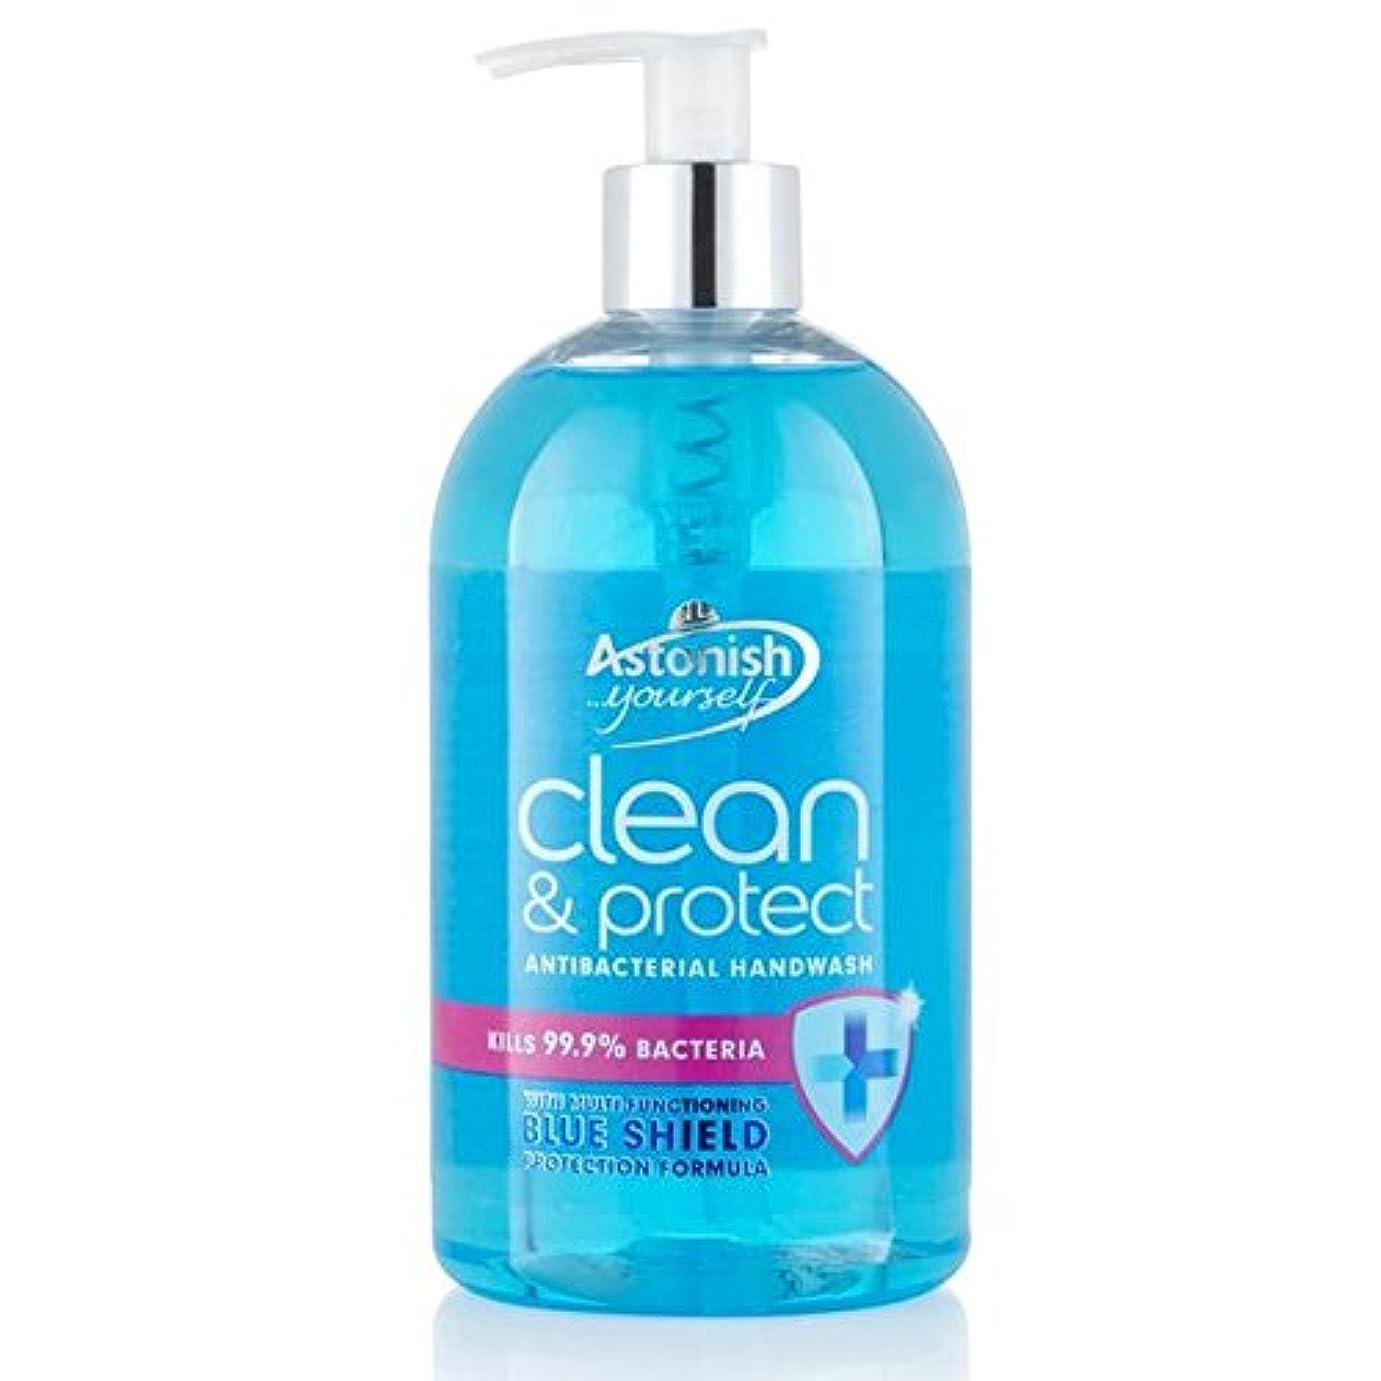 中世の議論する英語の授業がありますクリーン驚か&ハンドウォッシュ500ミリリットルを保護 x4 - Astonish Clean & Protect Hand Wash 500ml (Pack of 4) [並行輸入品]